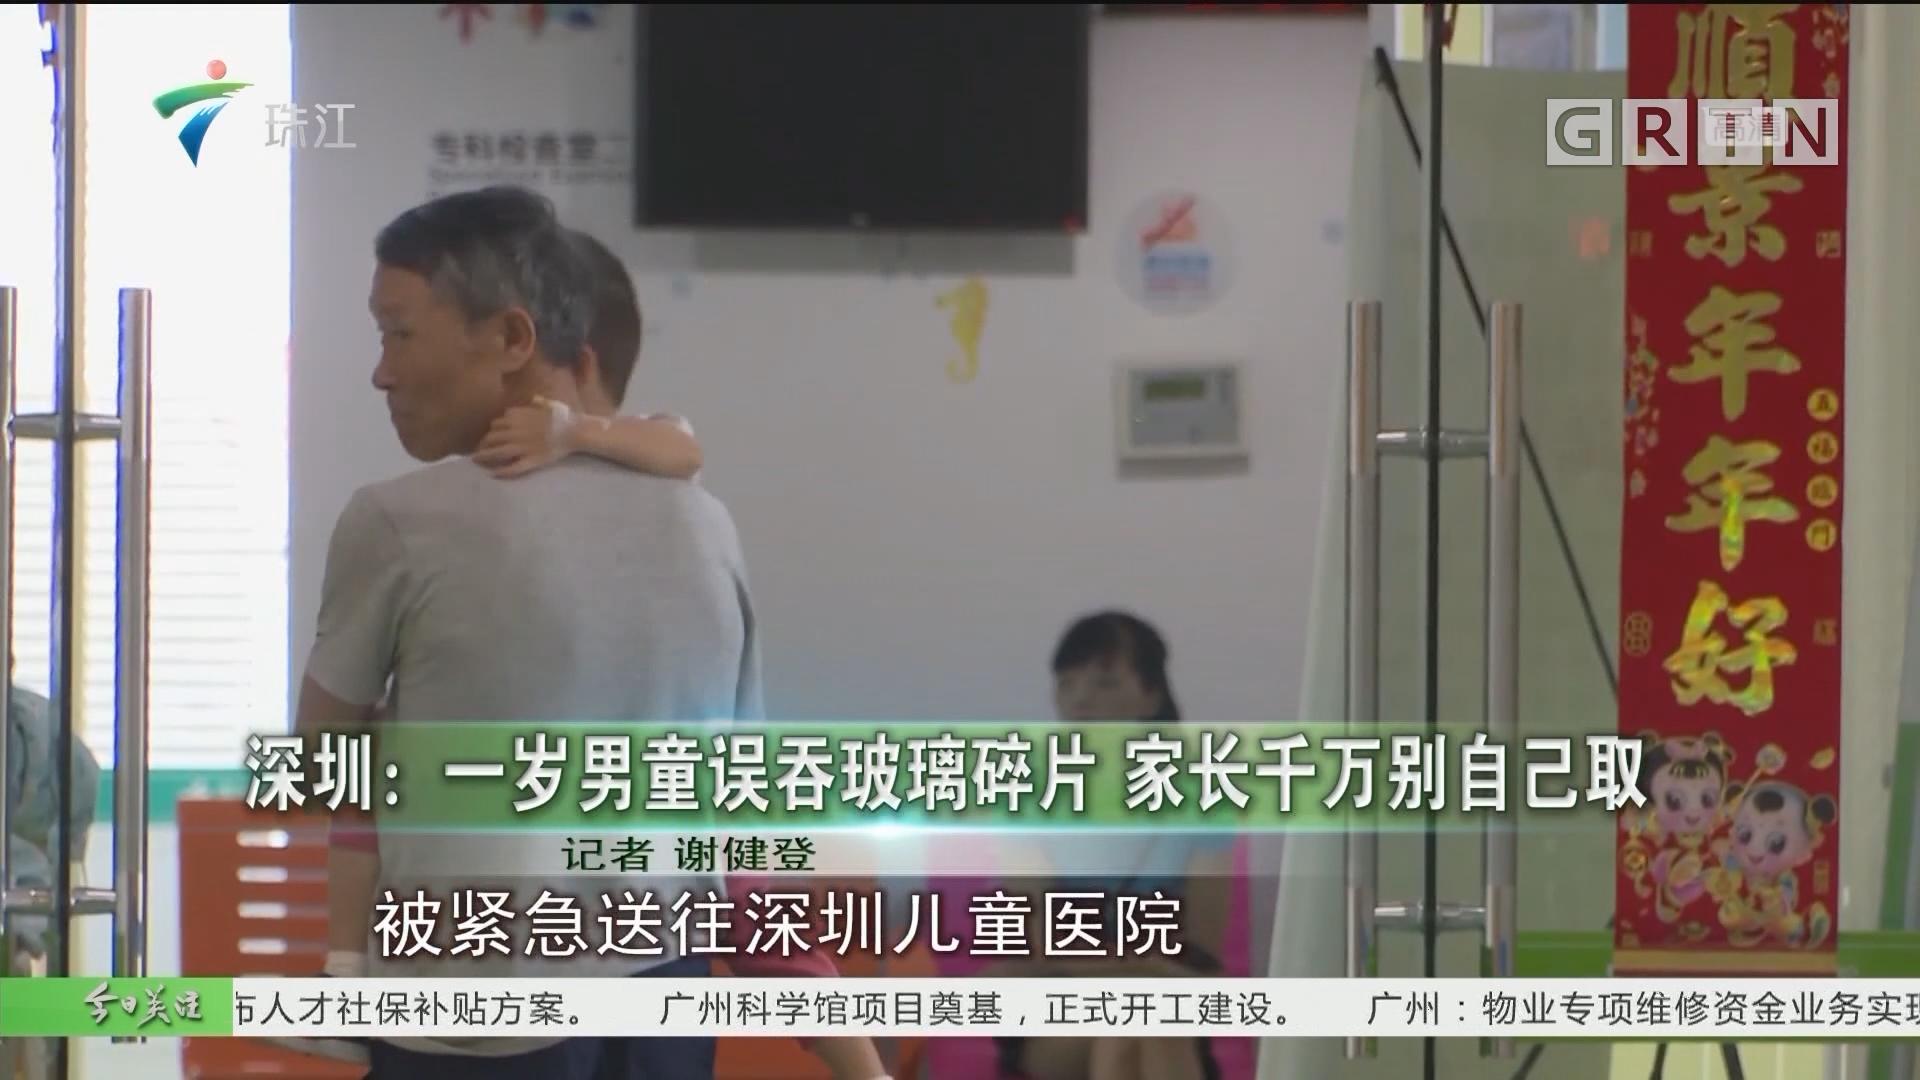 深圳:一岁男童误吞玻璃碎片 家长千万别自己取